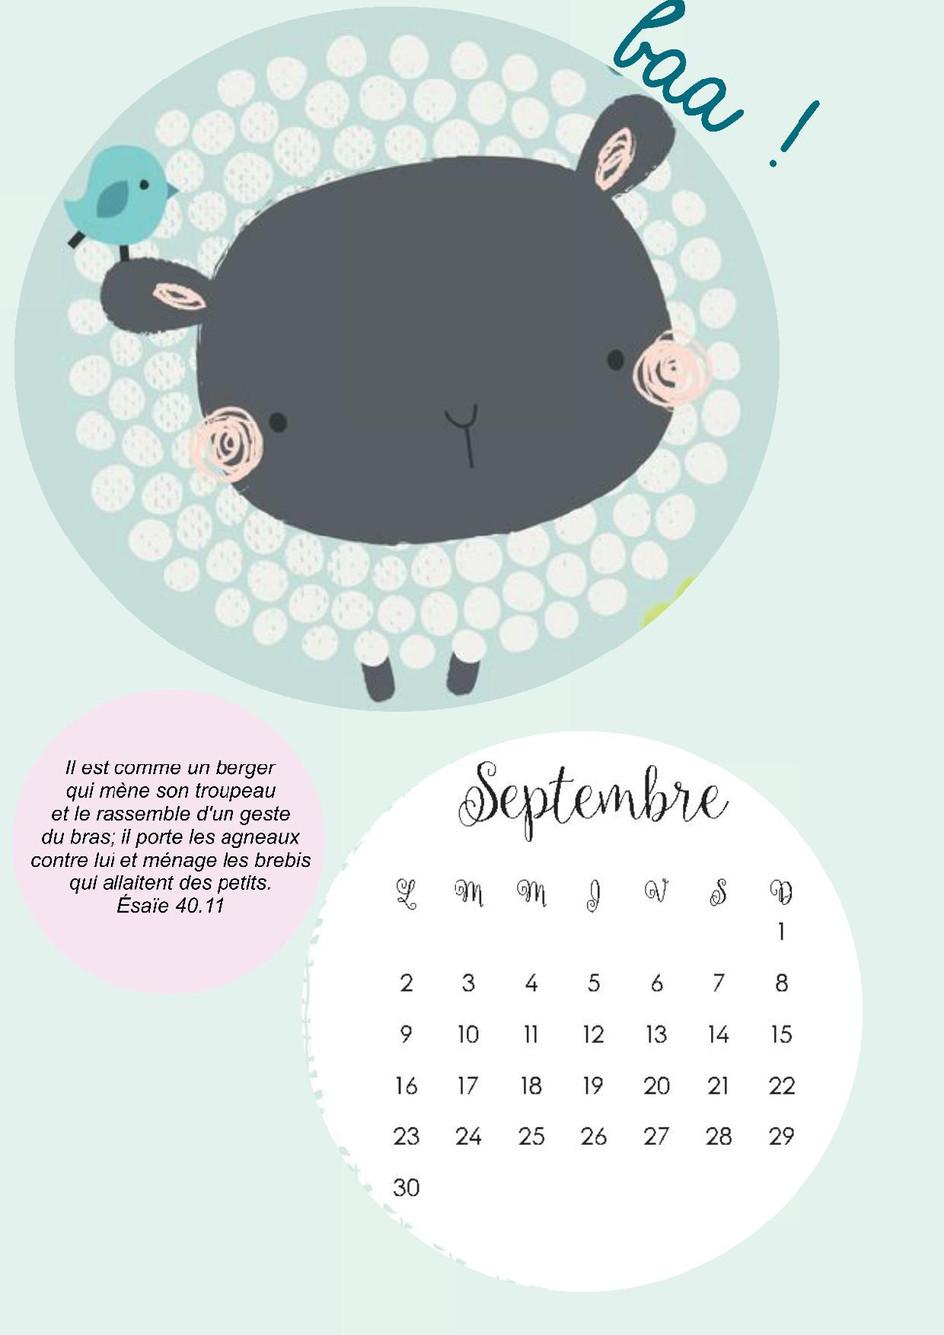 Septembre est là !!!